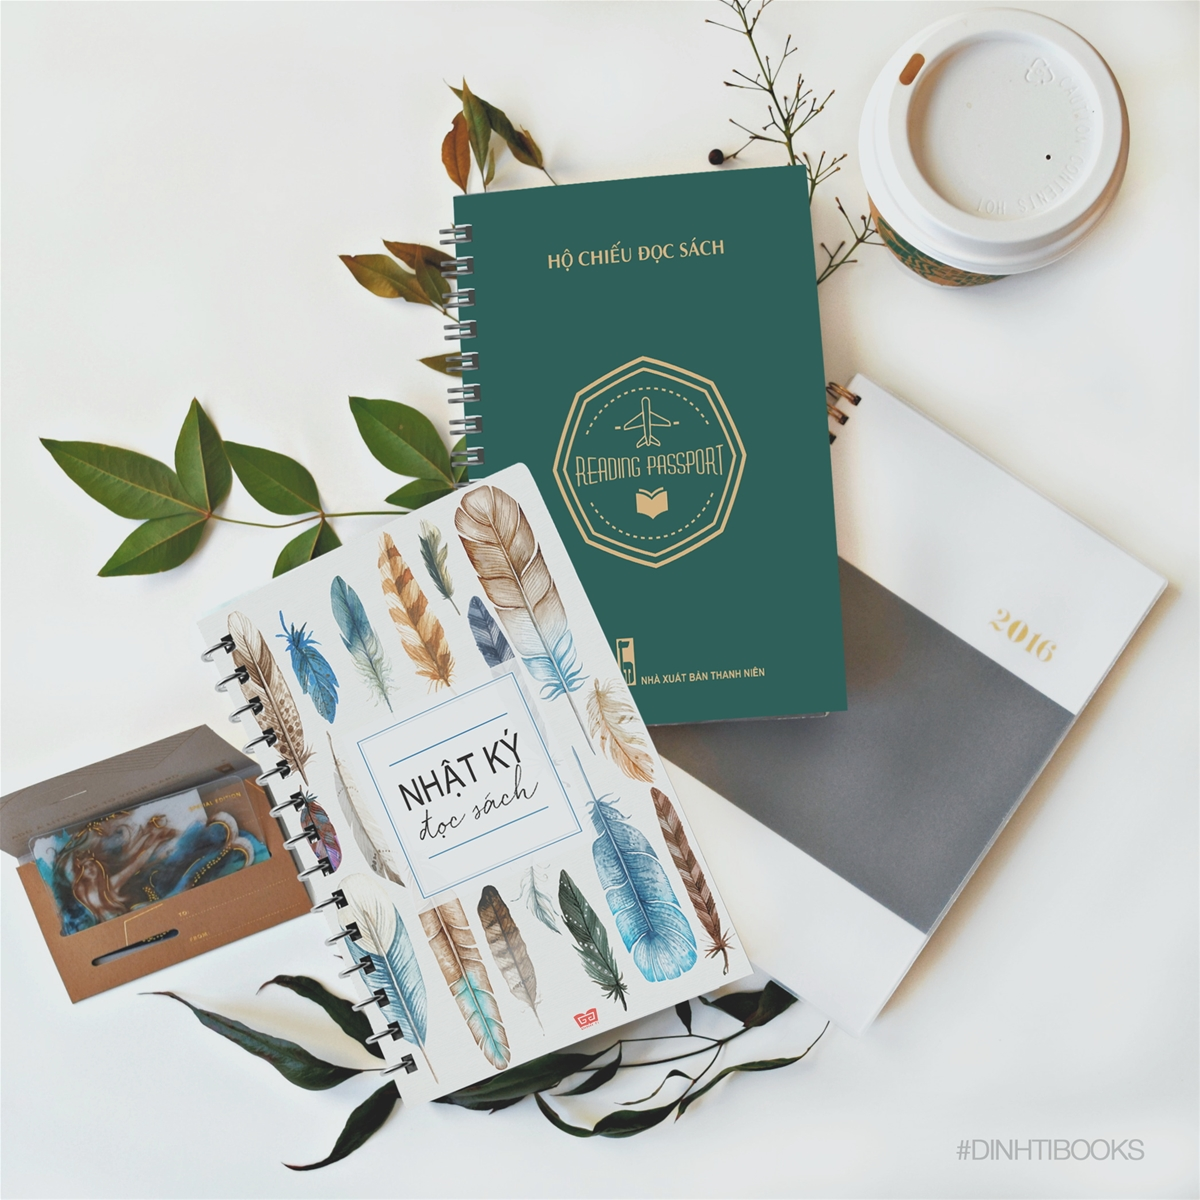 Combo  Sổ tay nhật ký đọc sách + Hộ chiếu đọc sách